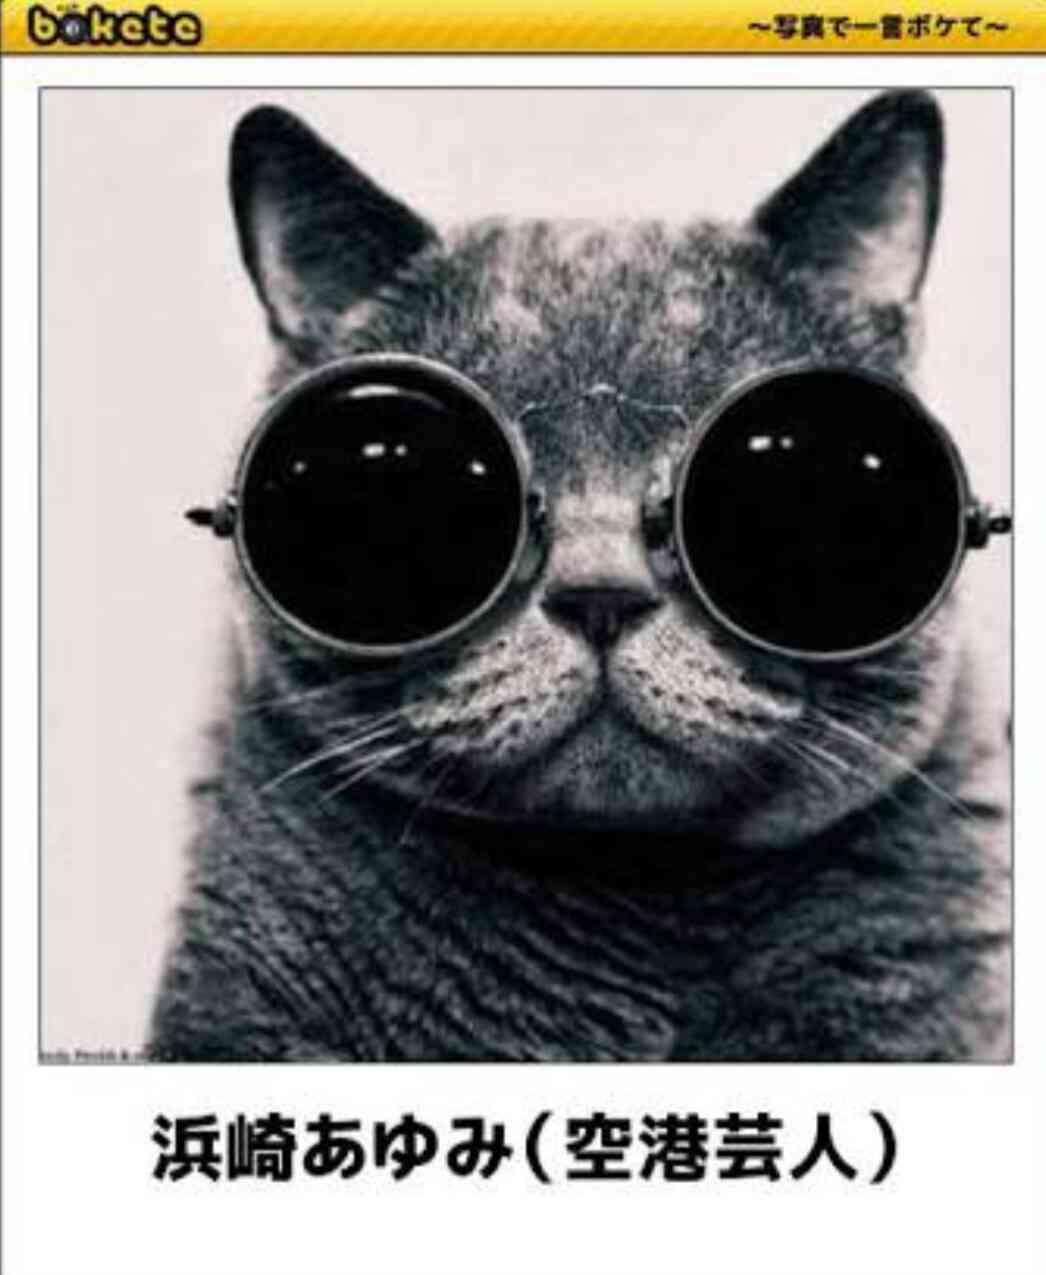 浜崎あゆみ、体作りへの模索と不安を告白「膝が言う事を聞いてくれなくなり」